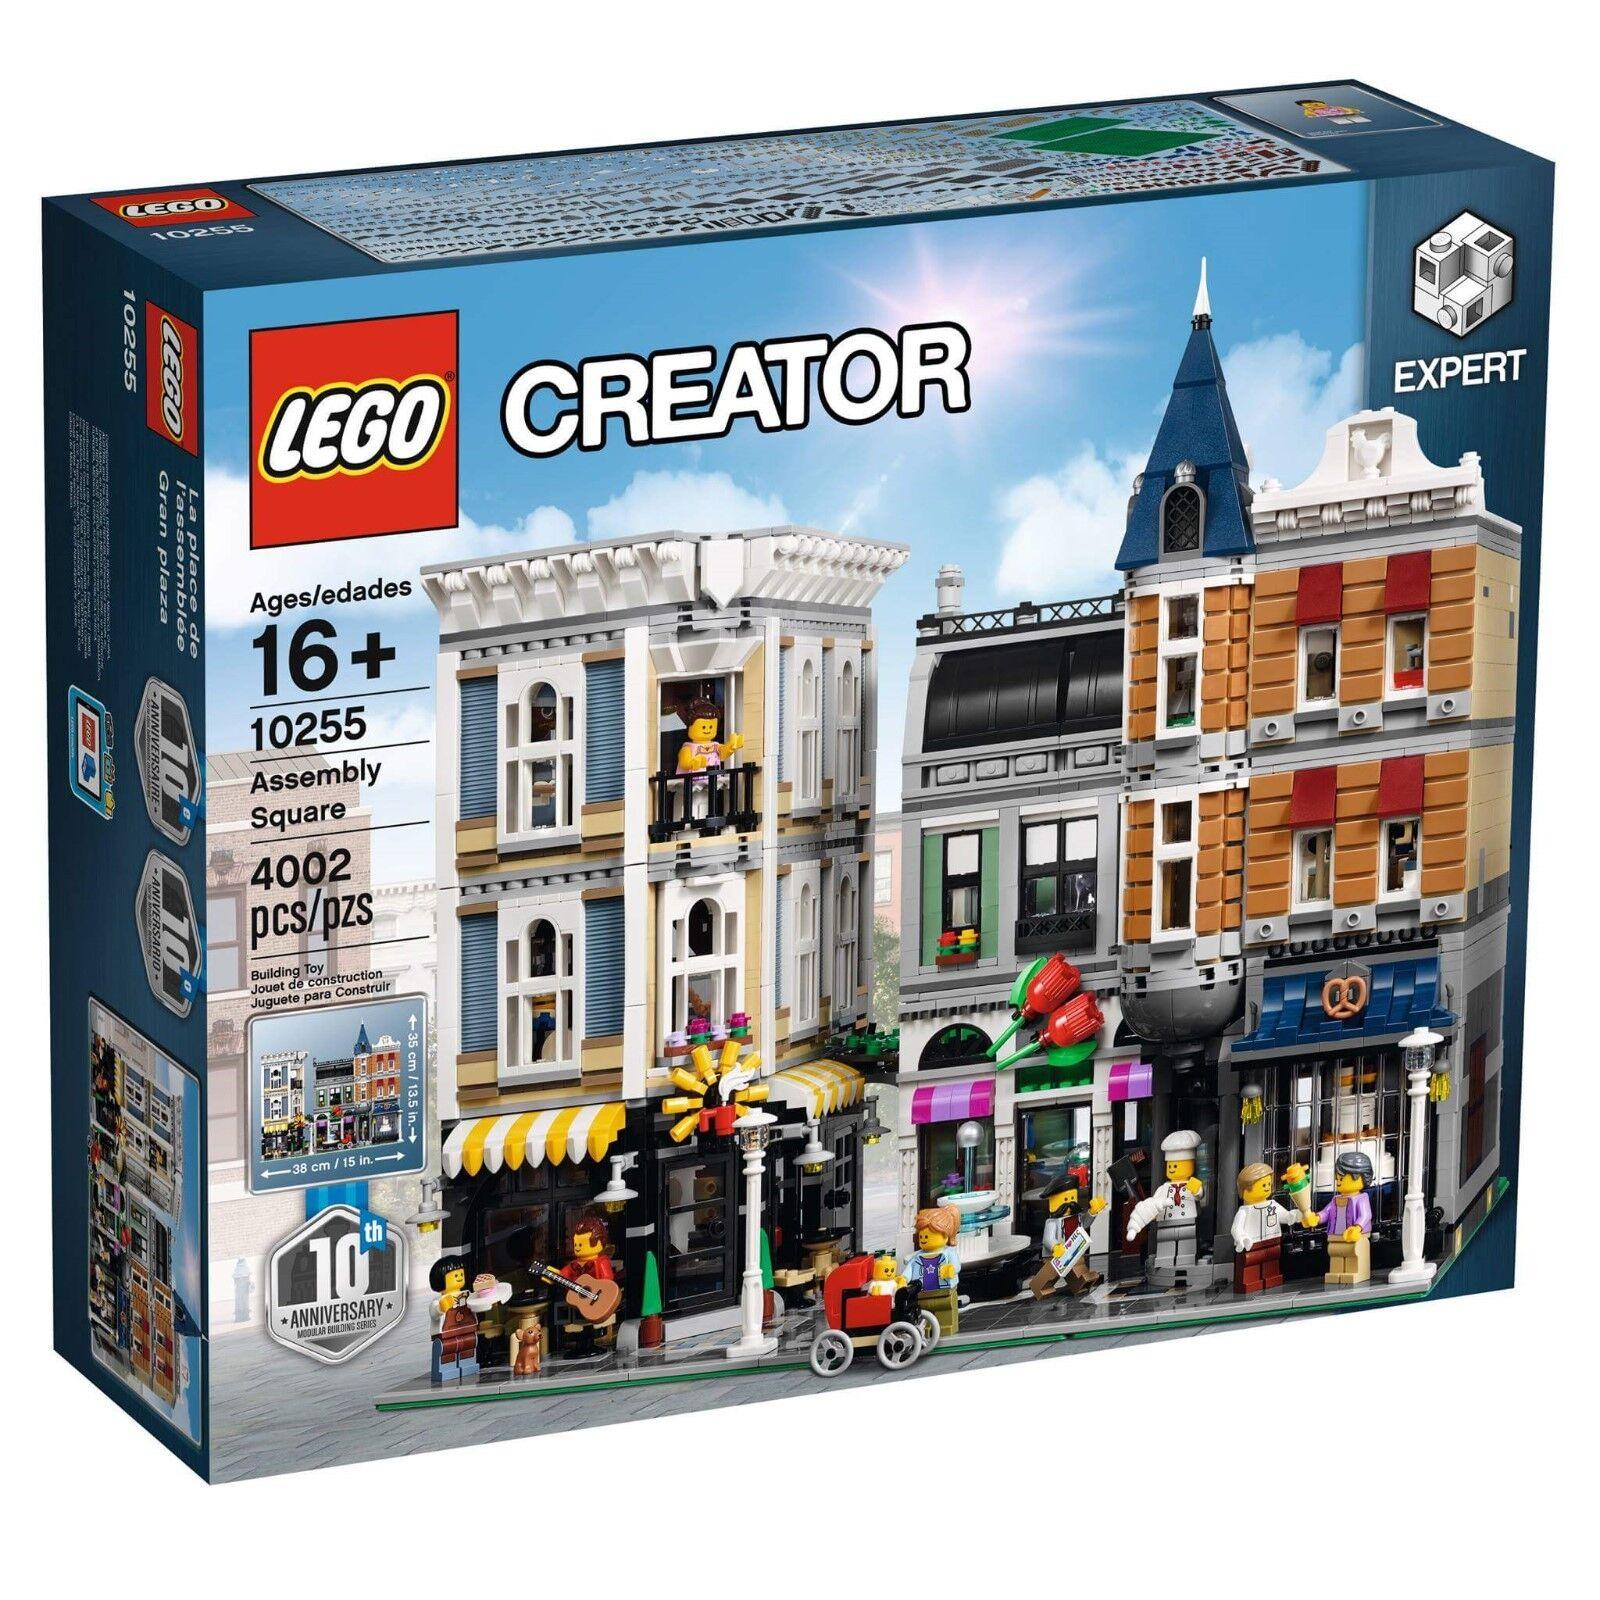 Lego 10255 Creator Assembly Square modulaire  livraison gratuite  70% de réduction